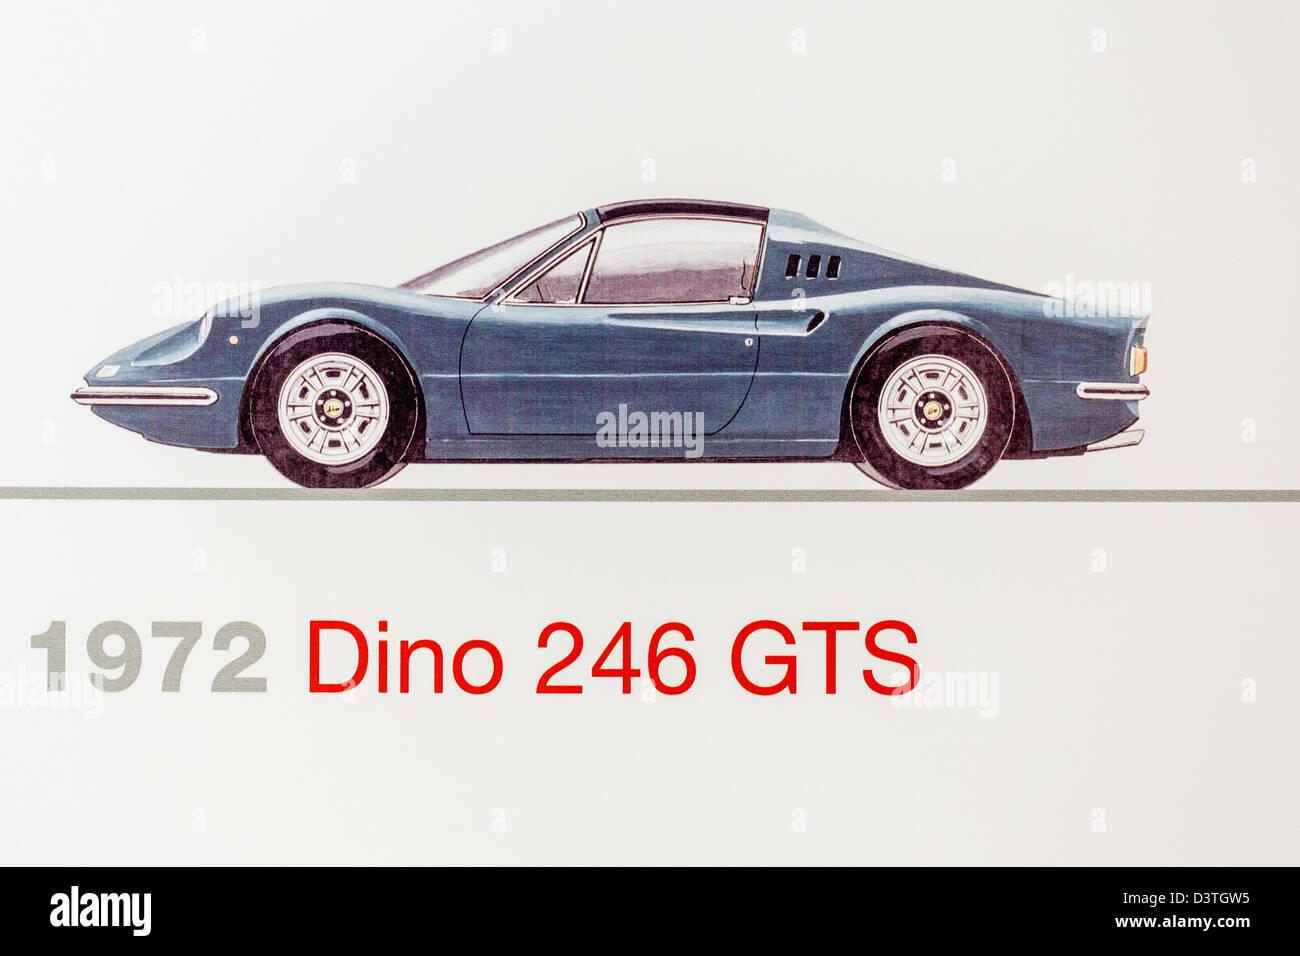 Graphic representation of a 1972 Ferrari Dino 246 GTS, Ferrari Museum, Maranello, Italy - Stock Image